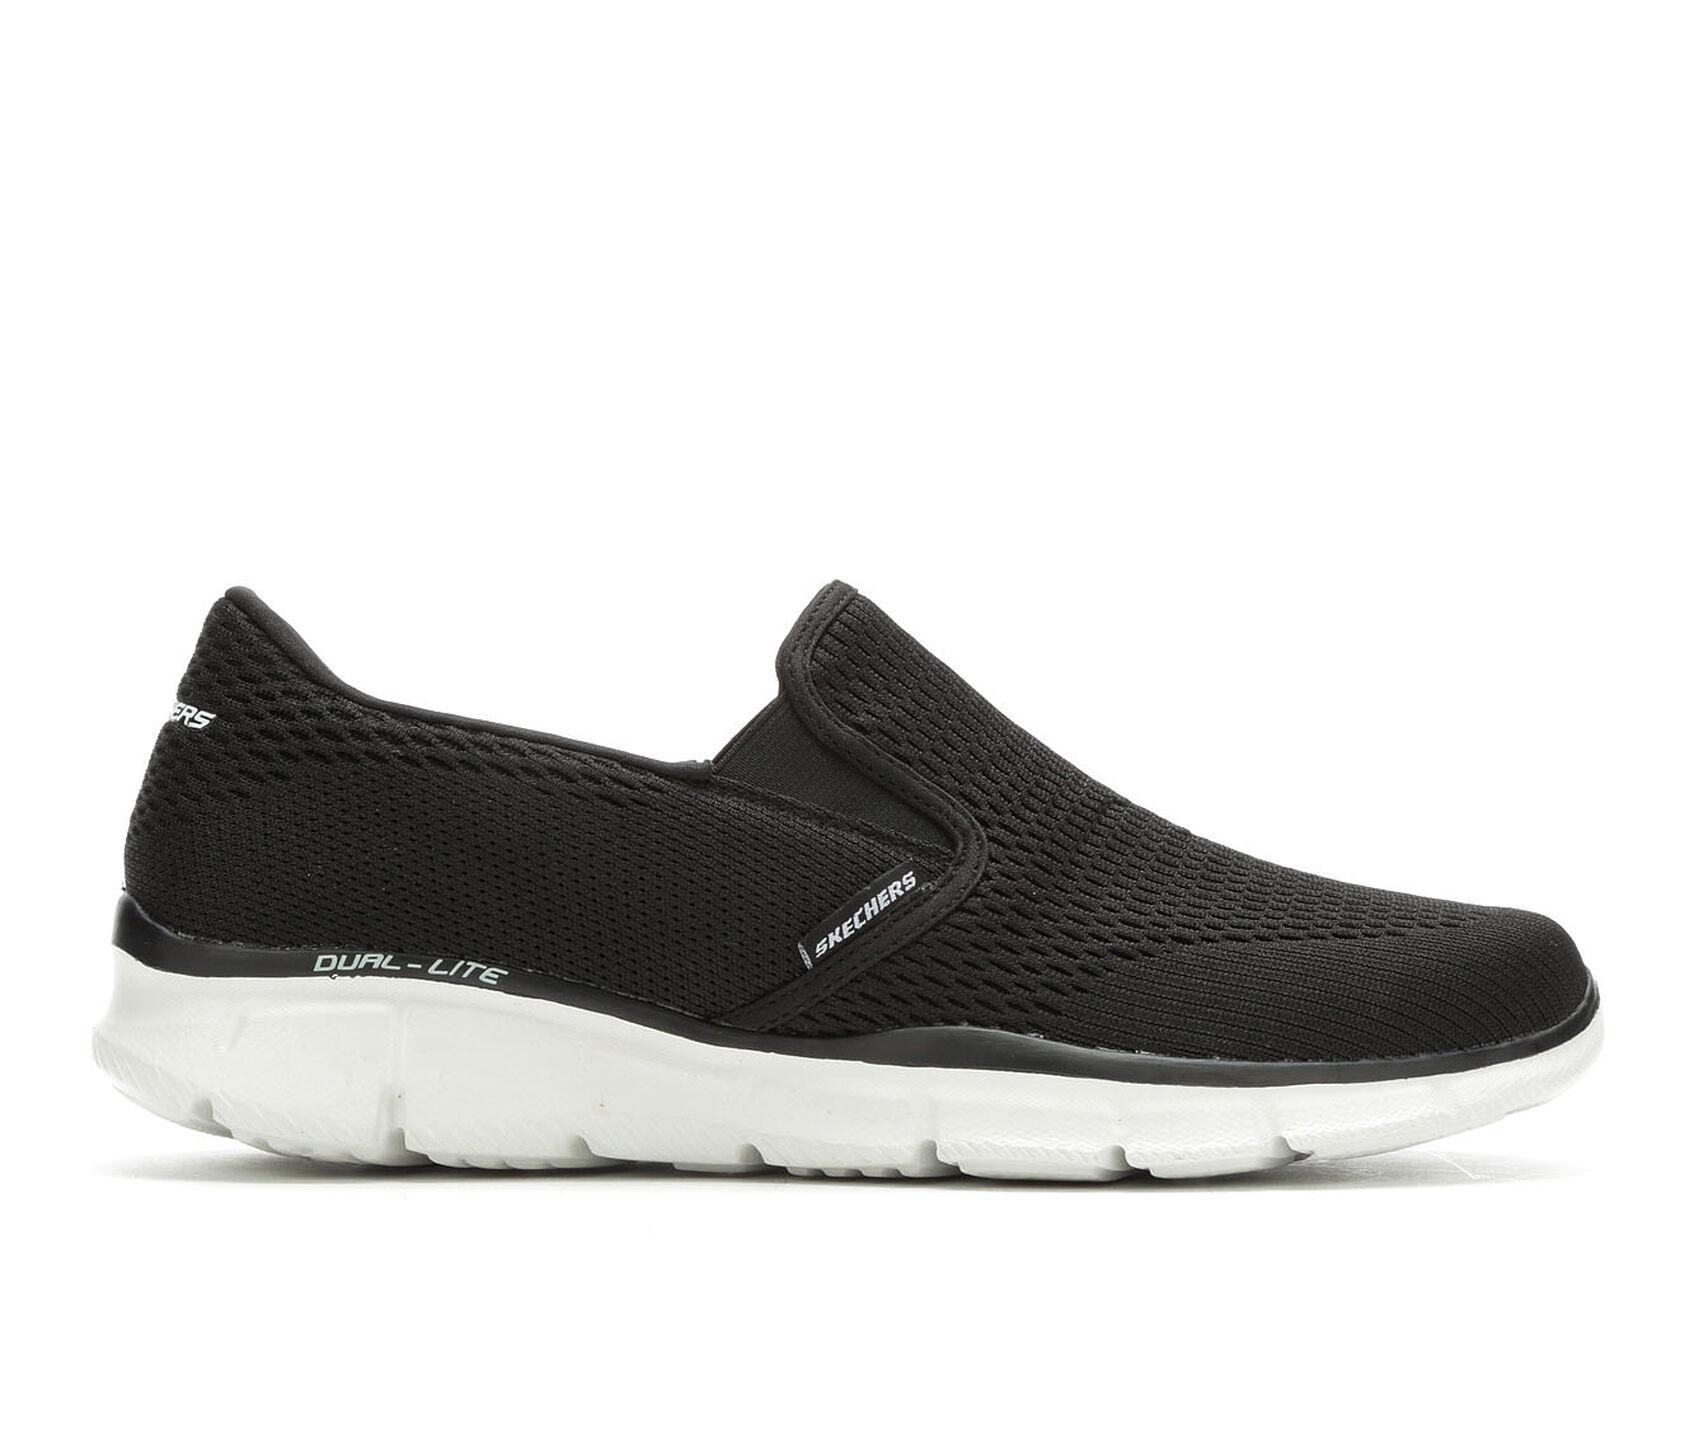 cb8894bdd675 Men s Skechers Double Play 51509 Slip On Sneakers